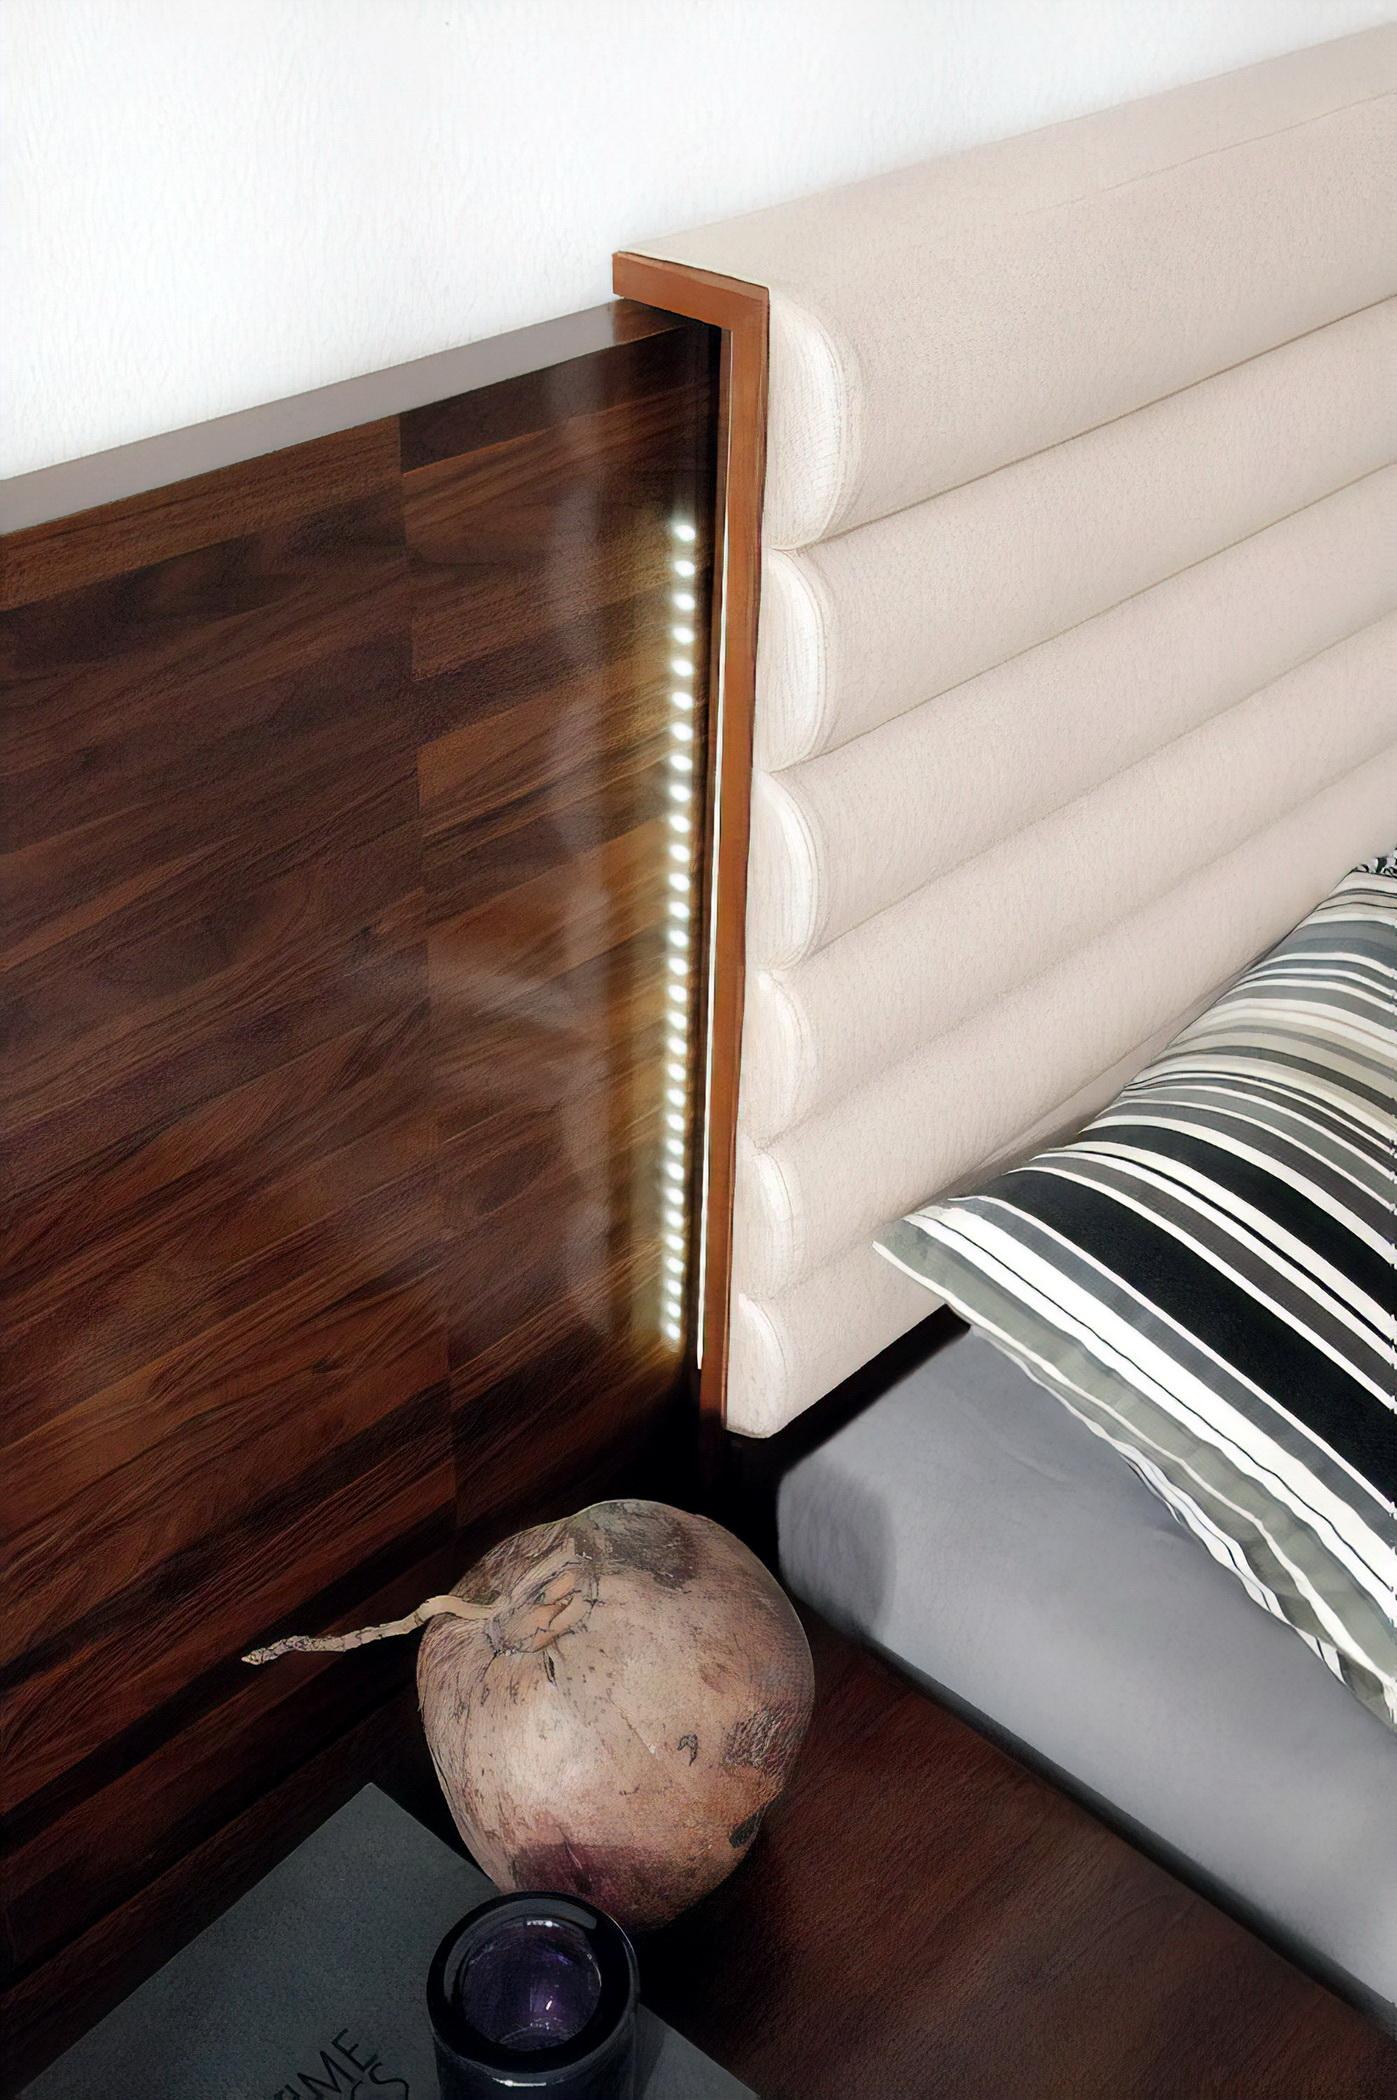 Quorum Dormitorio By Hurtado Muebles Anto N # Muebles Hurtado Espana